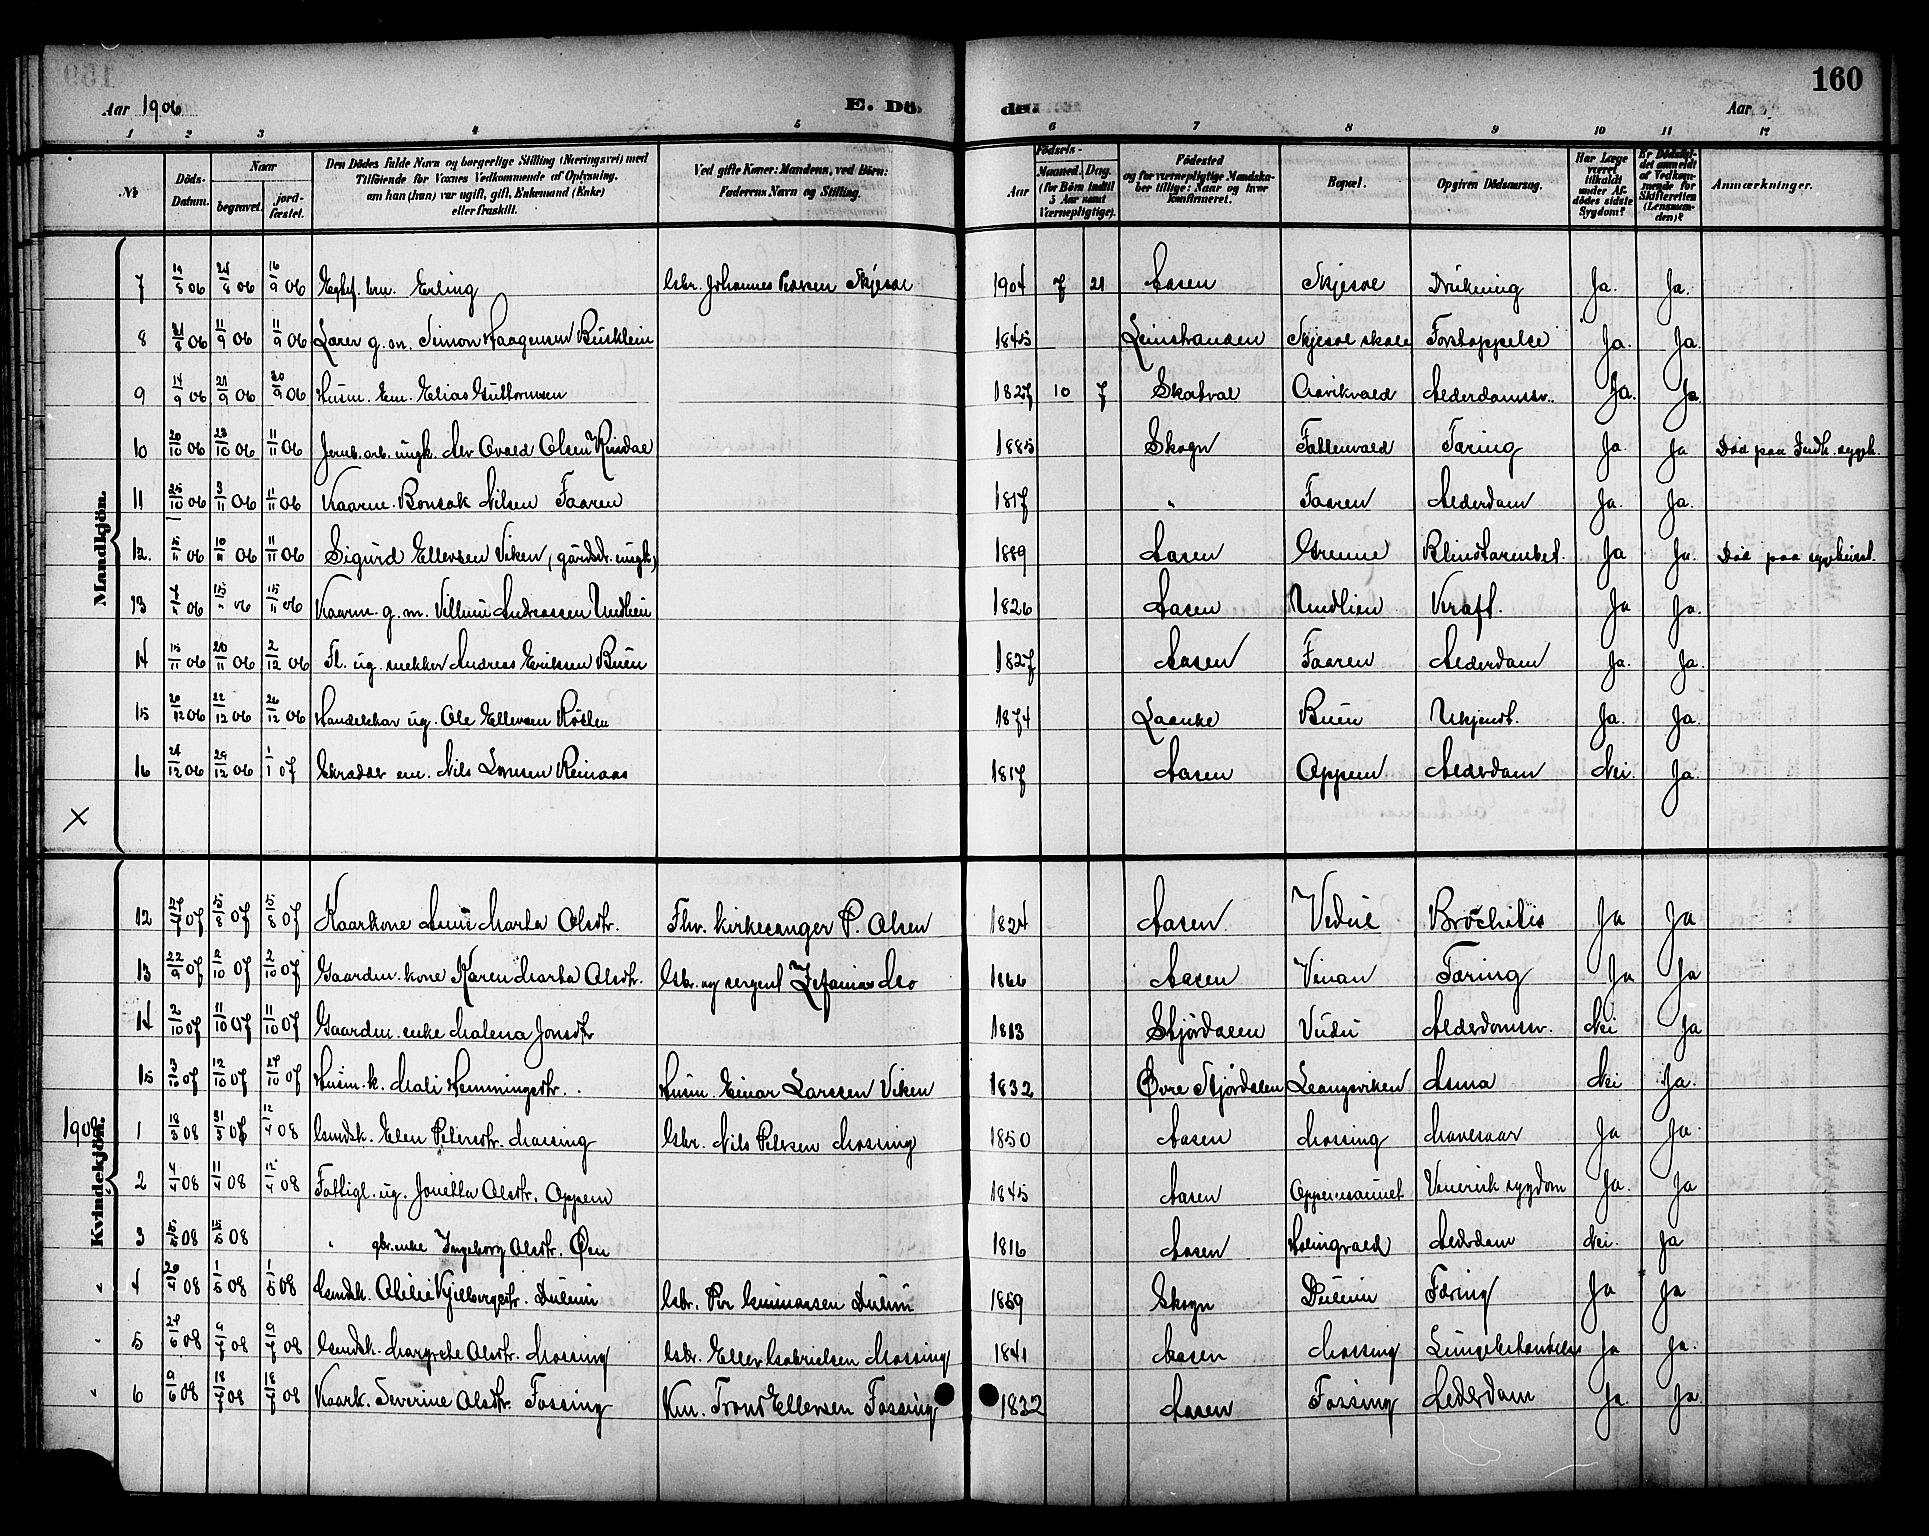 SAT, Ministerialprotokoller, klokkerbøker og fødselsregistre - Nord-Trøndelag, 714/L0135: Klokkerbok nr. 714C04, 1899-1918, s. 160